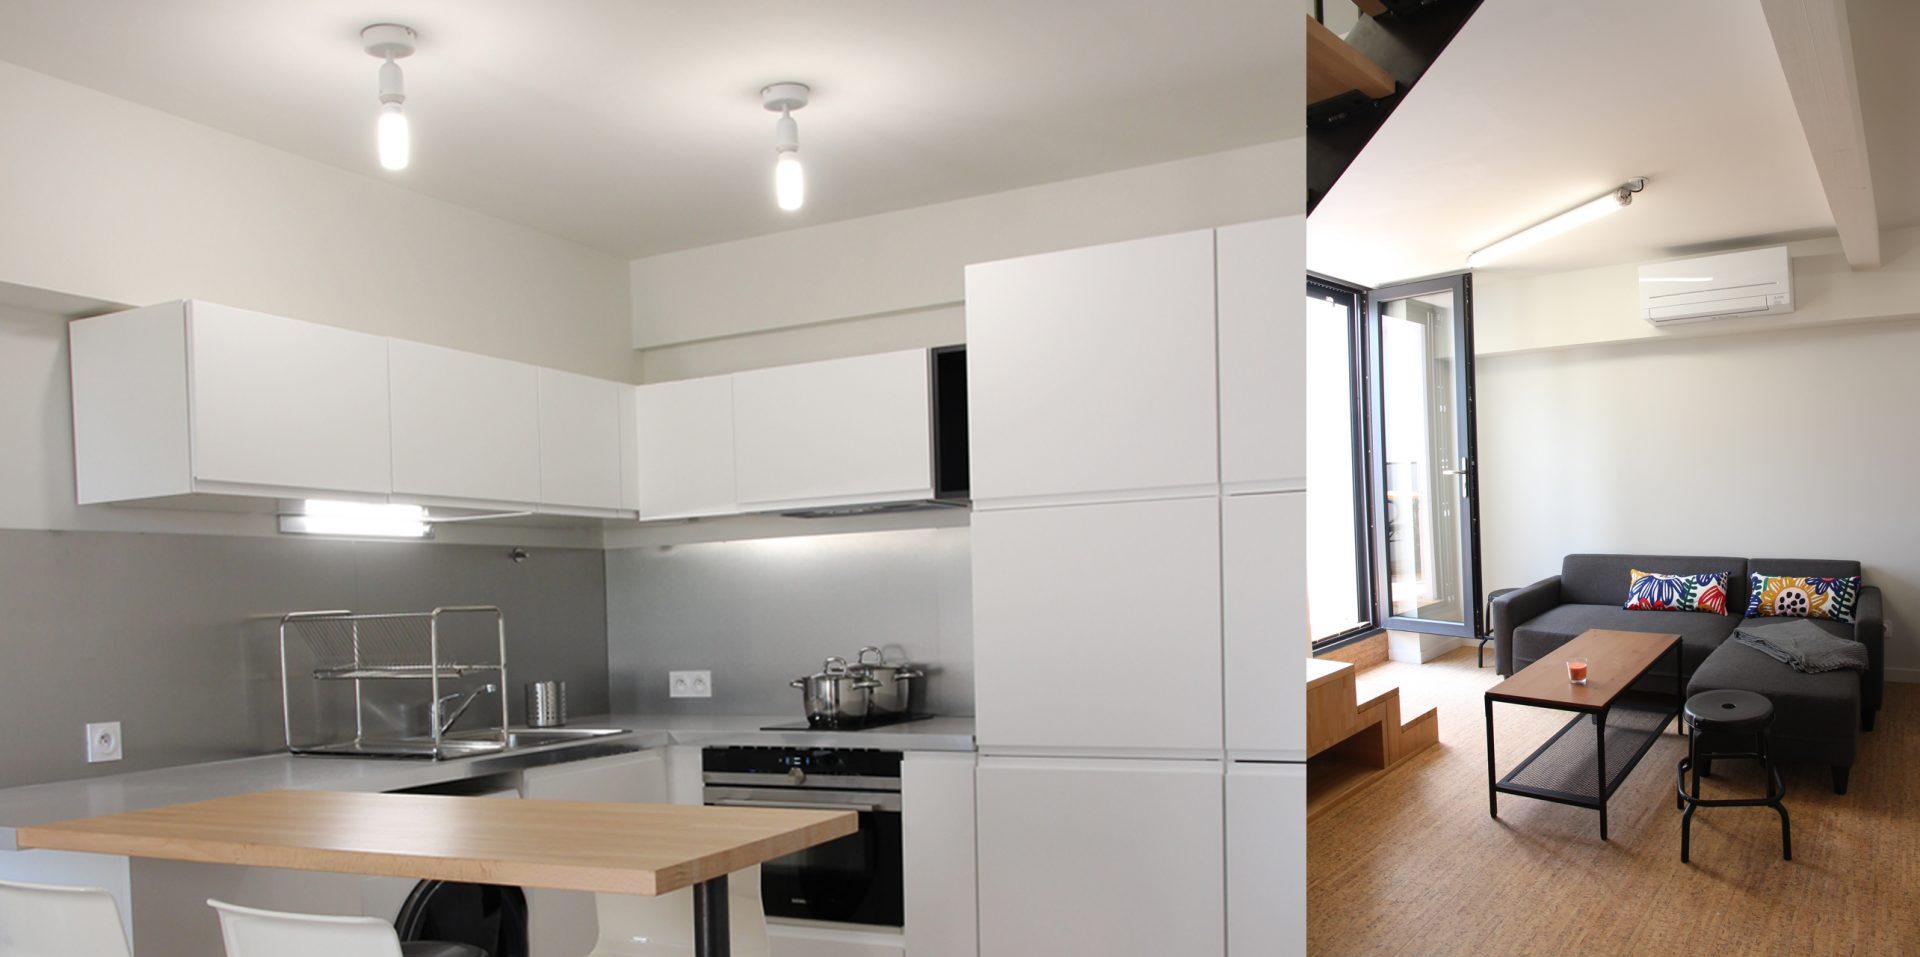 Aménagement de duplex pour du locatif duplex 2 cuisine salon